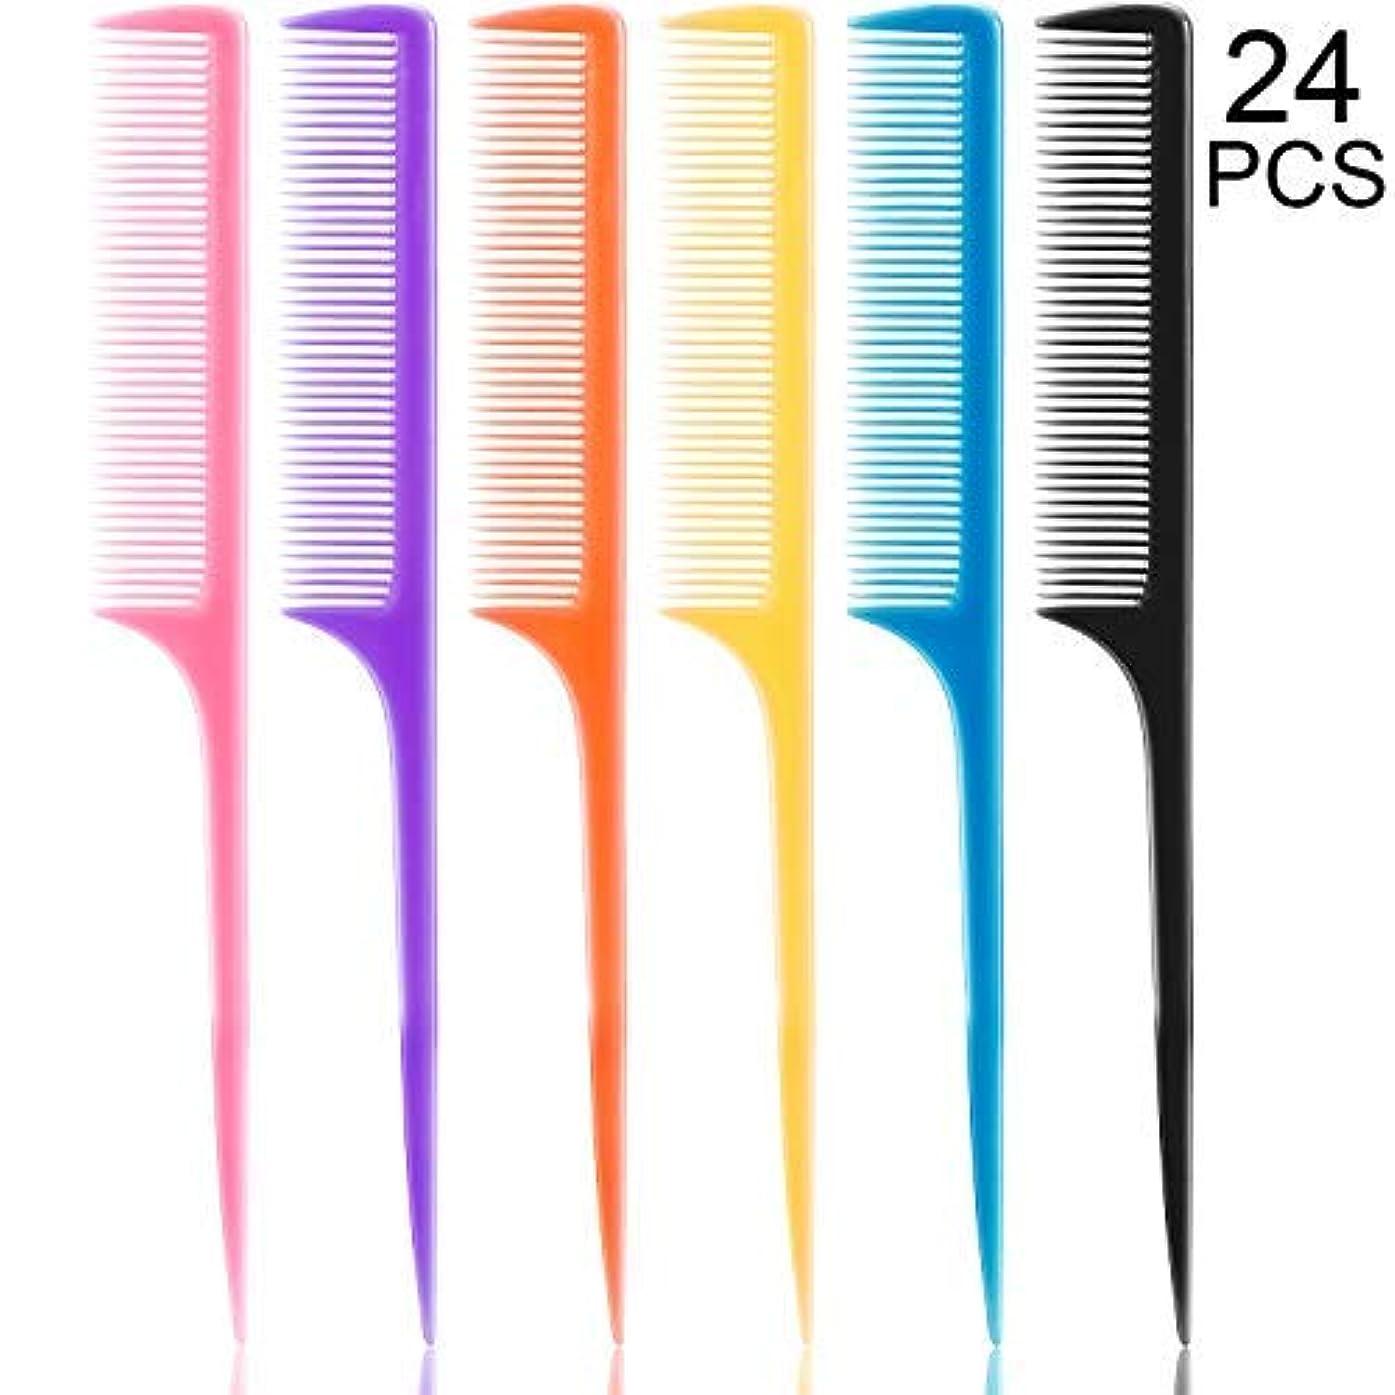 壊滅的な納得させる消える24 Pieces Plastic Rat Tail Combs 8.5 Inch Fine-tooth Hair Combs Pin Tail Hair Styling Combs with Thin and Long...